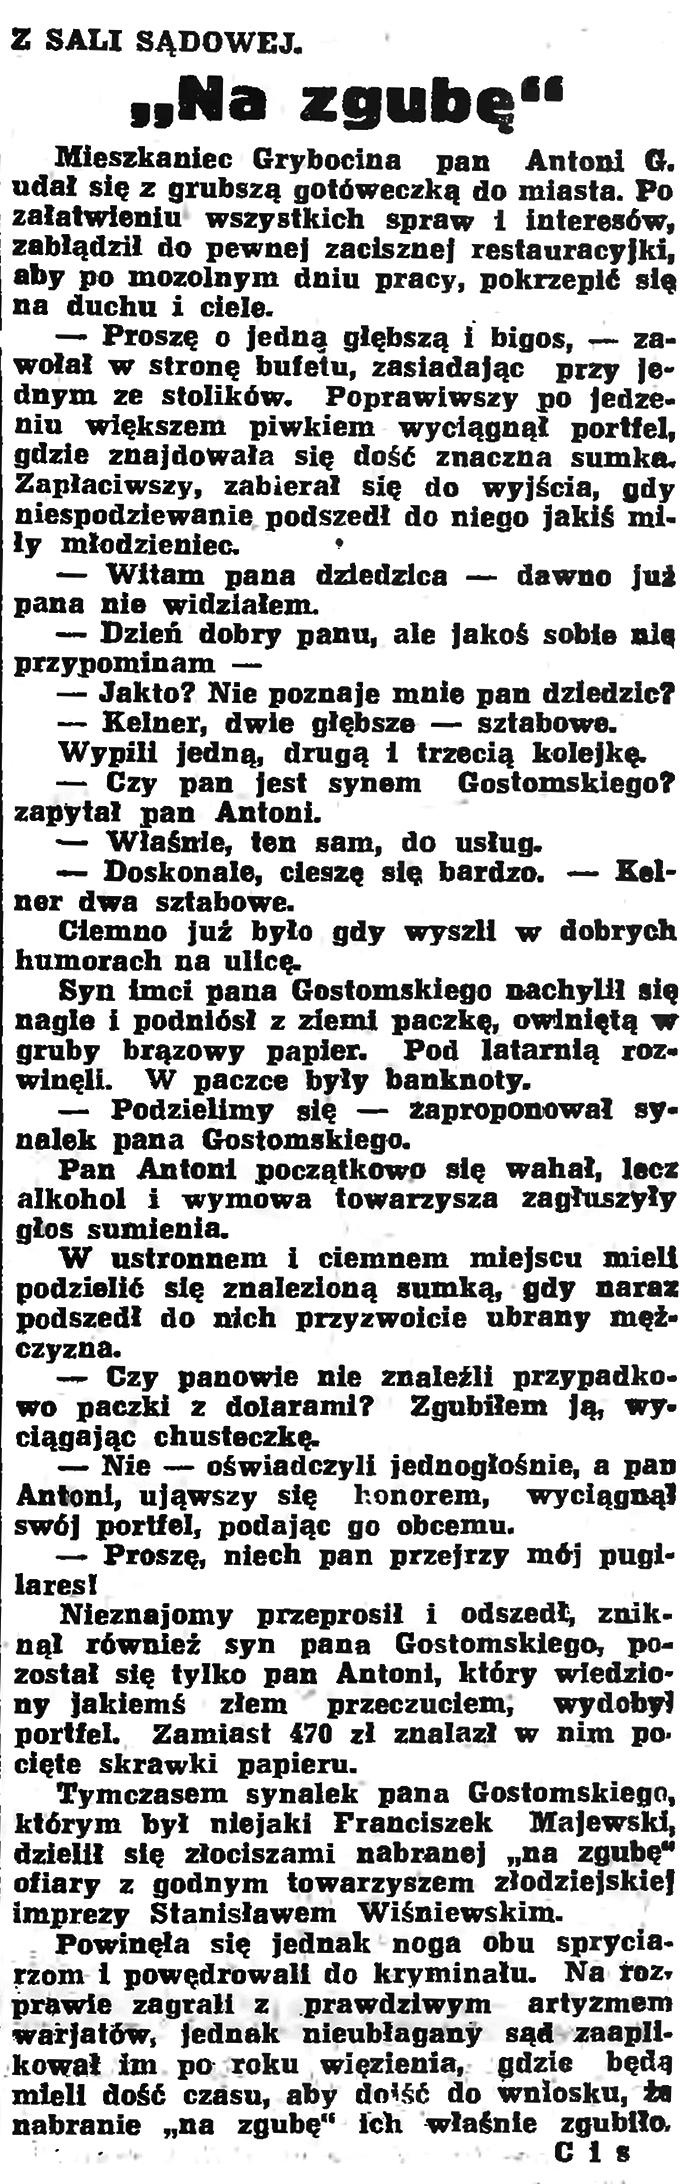 """""""Na zgubę"""". Z sali sądowej // Gazeta Gdańska. - 1936, nr 179, s. 4"""